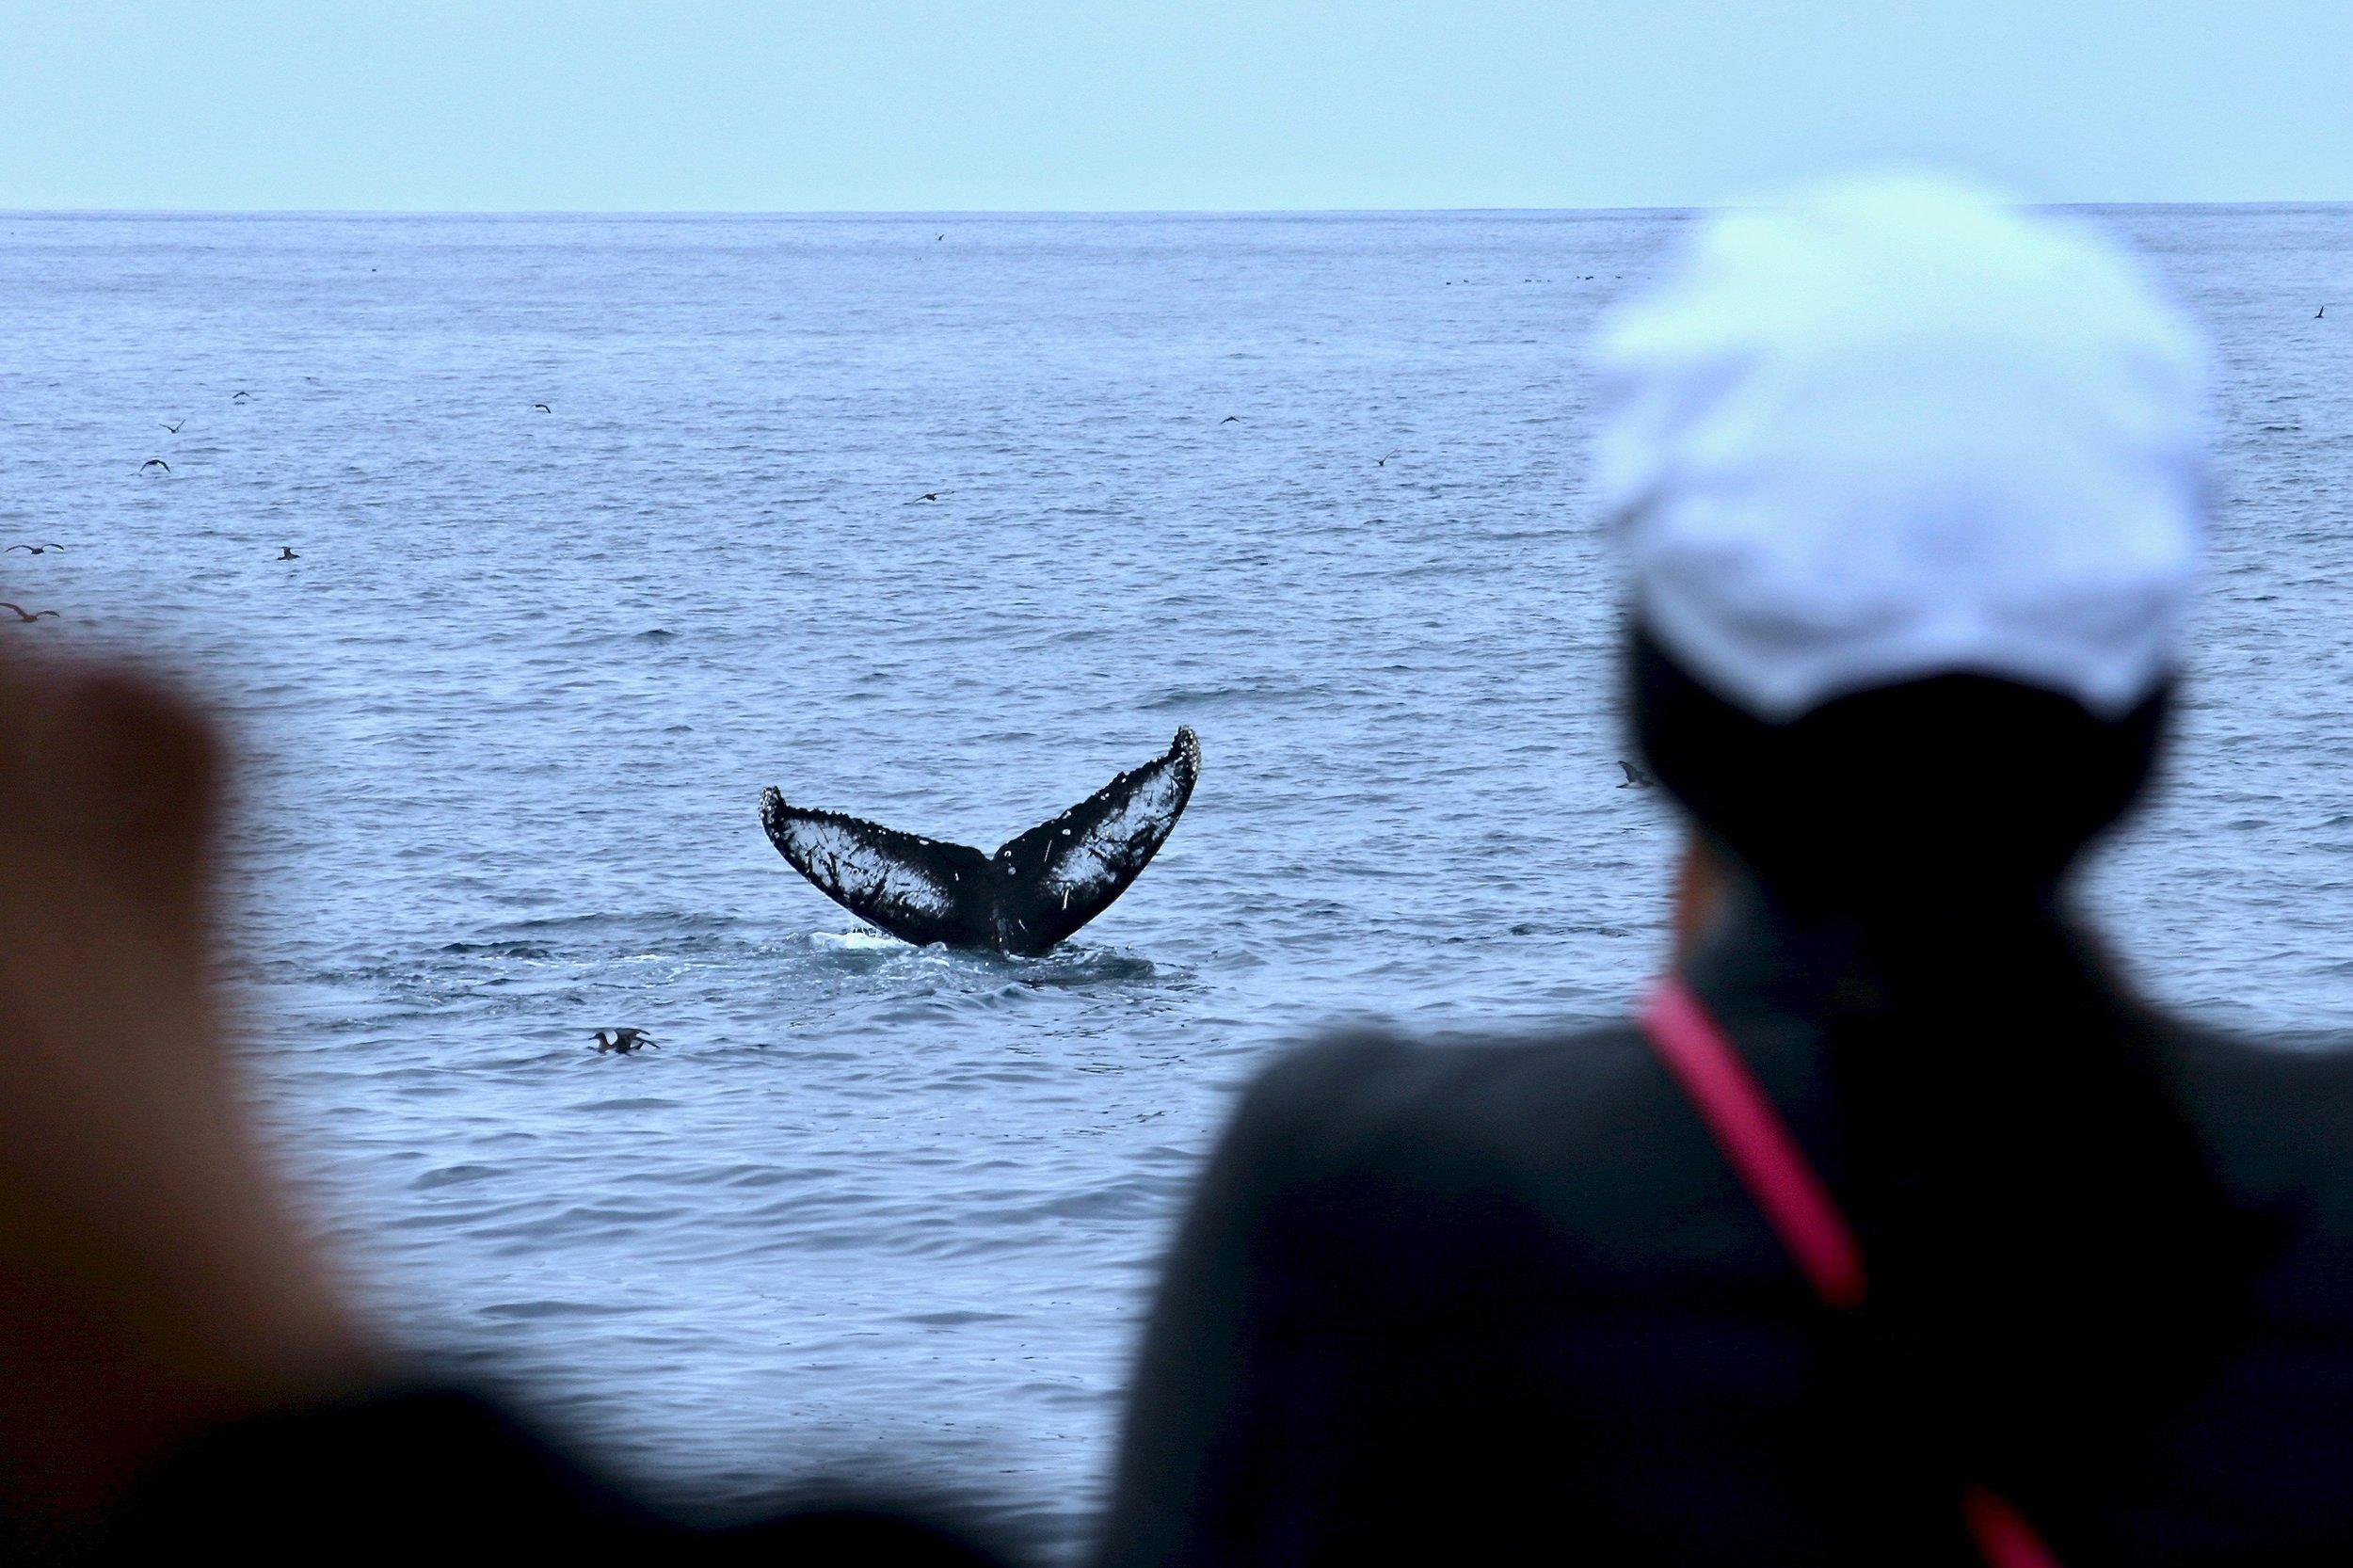 Blue_Soul_Maui_Outrigger_Canoe_Whale_Watch_10.jpg